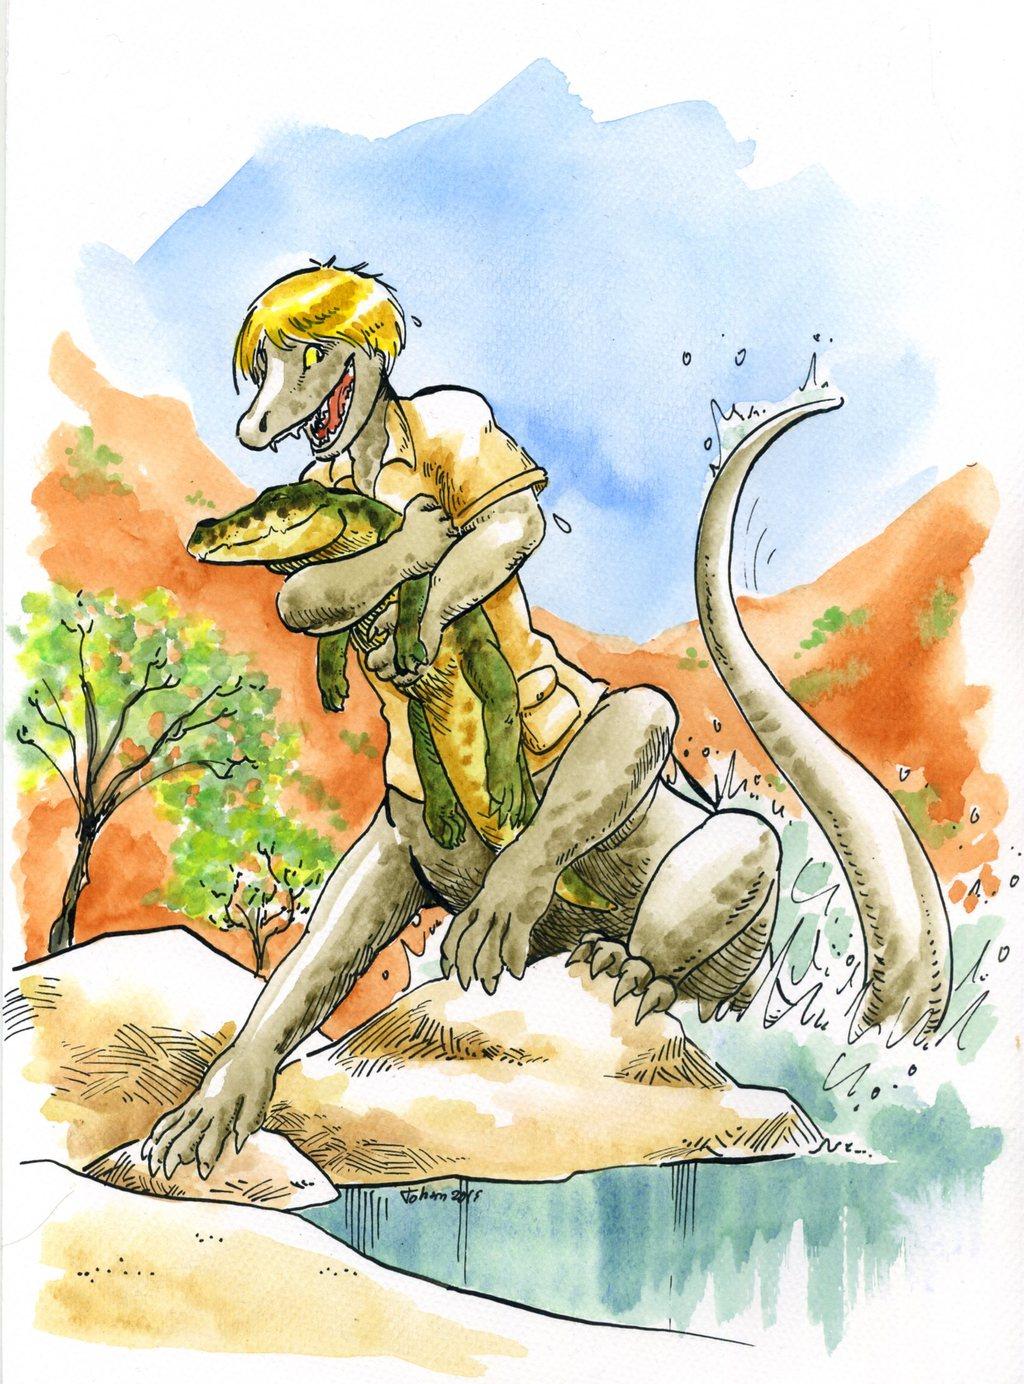 Crikey I found a gator